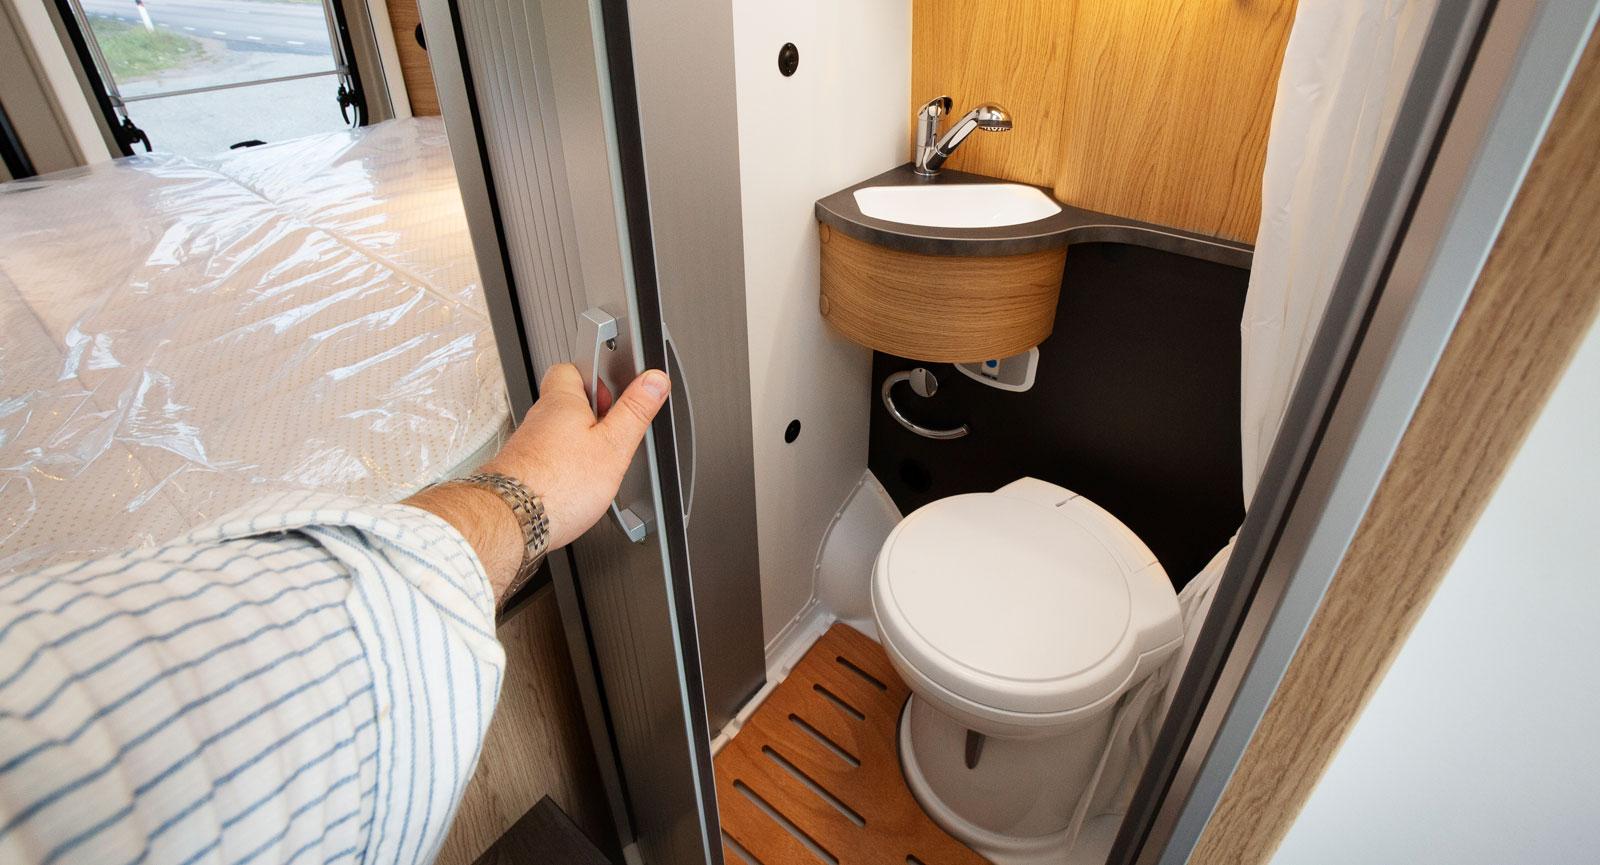 Mitt i bilen finns ett kompakt hygienutrymme.